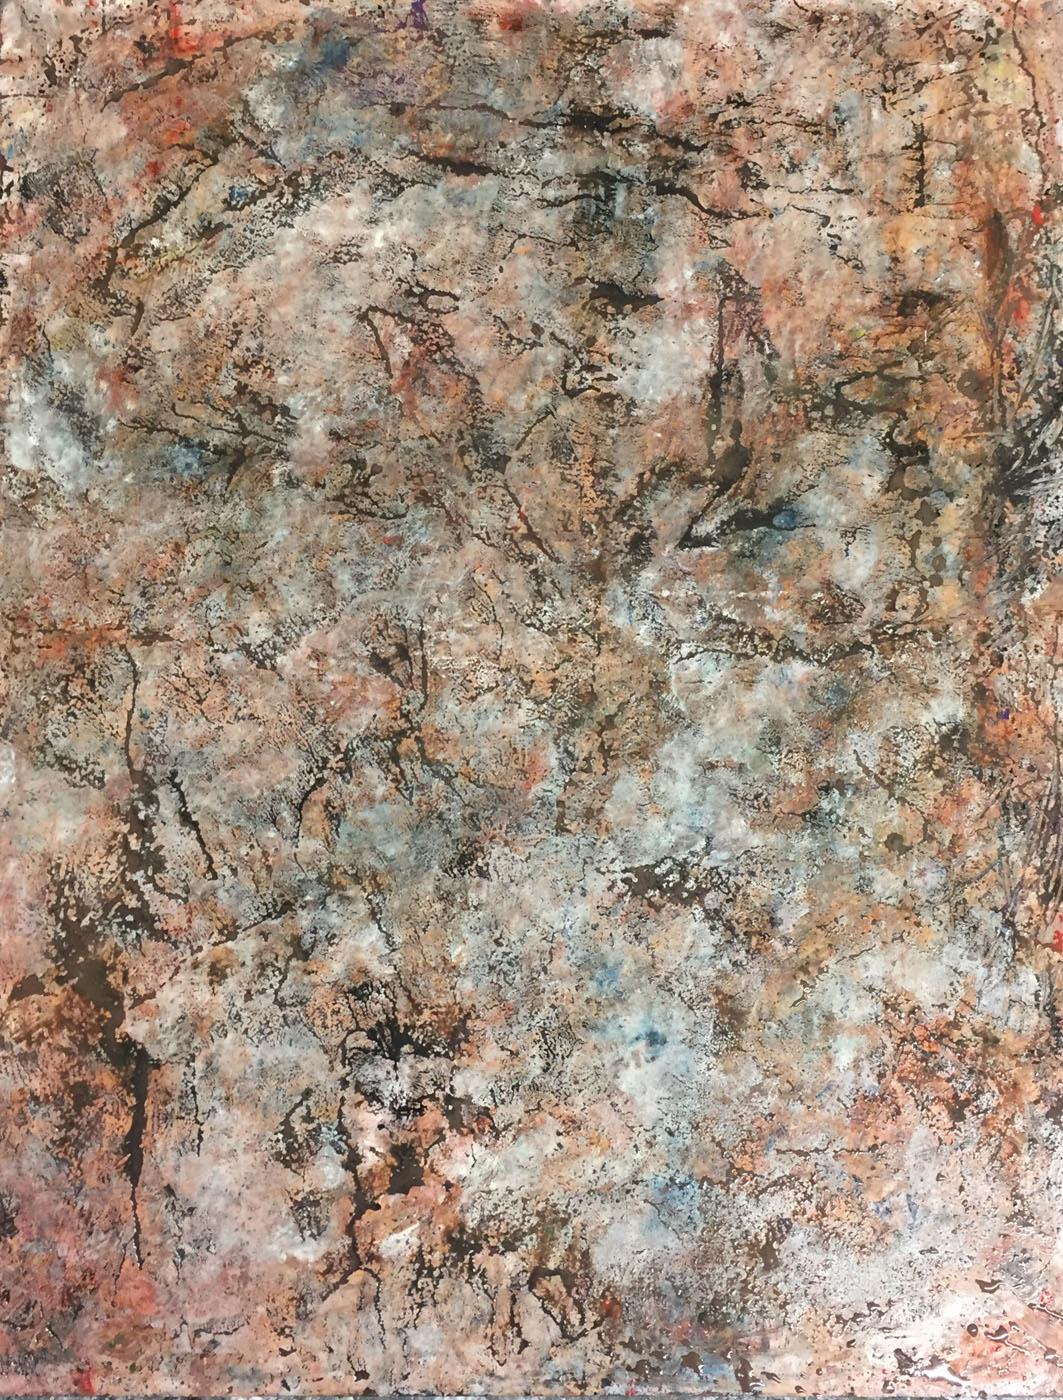 MARC FELD 2019 LASCAUX ÉCHOS Huile, pigments, acrylique et gouache sur bois 77 x 97 cm